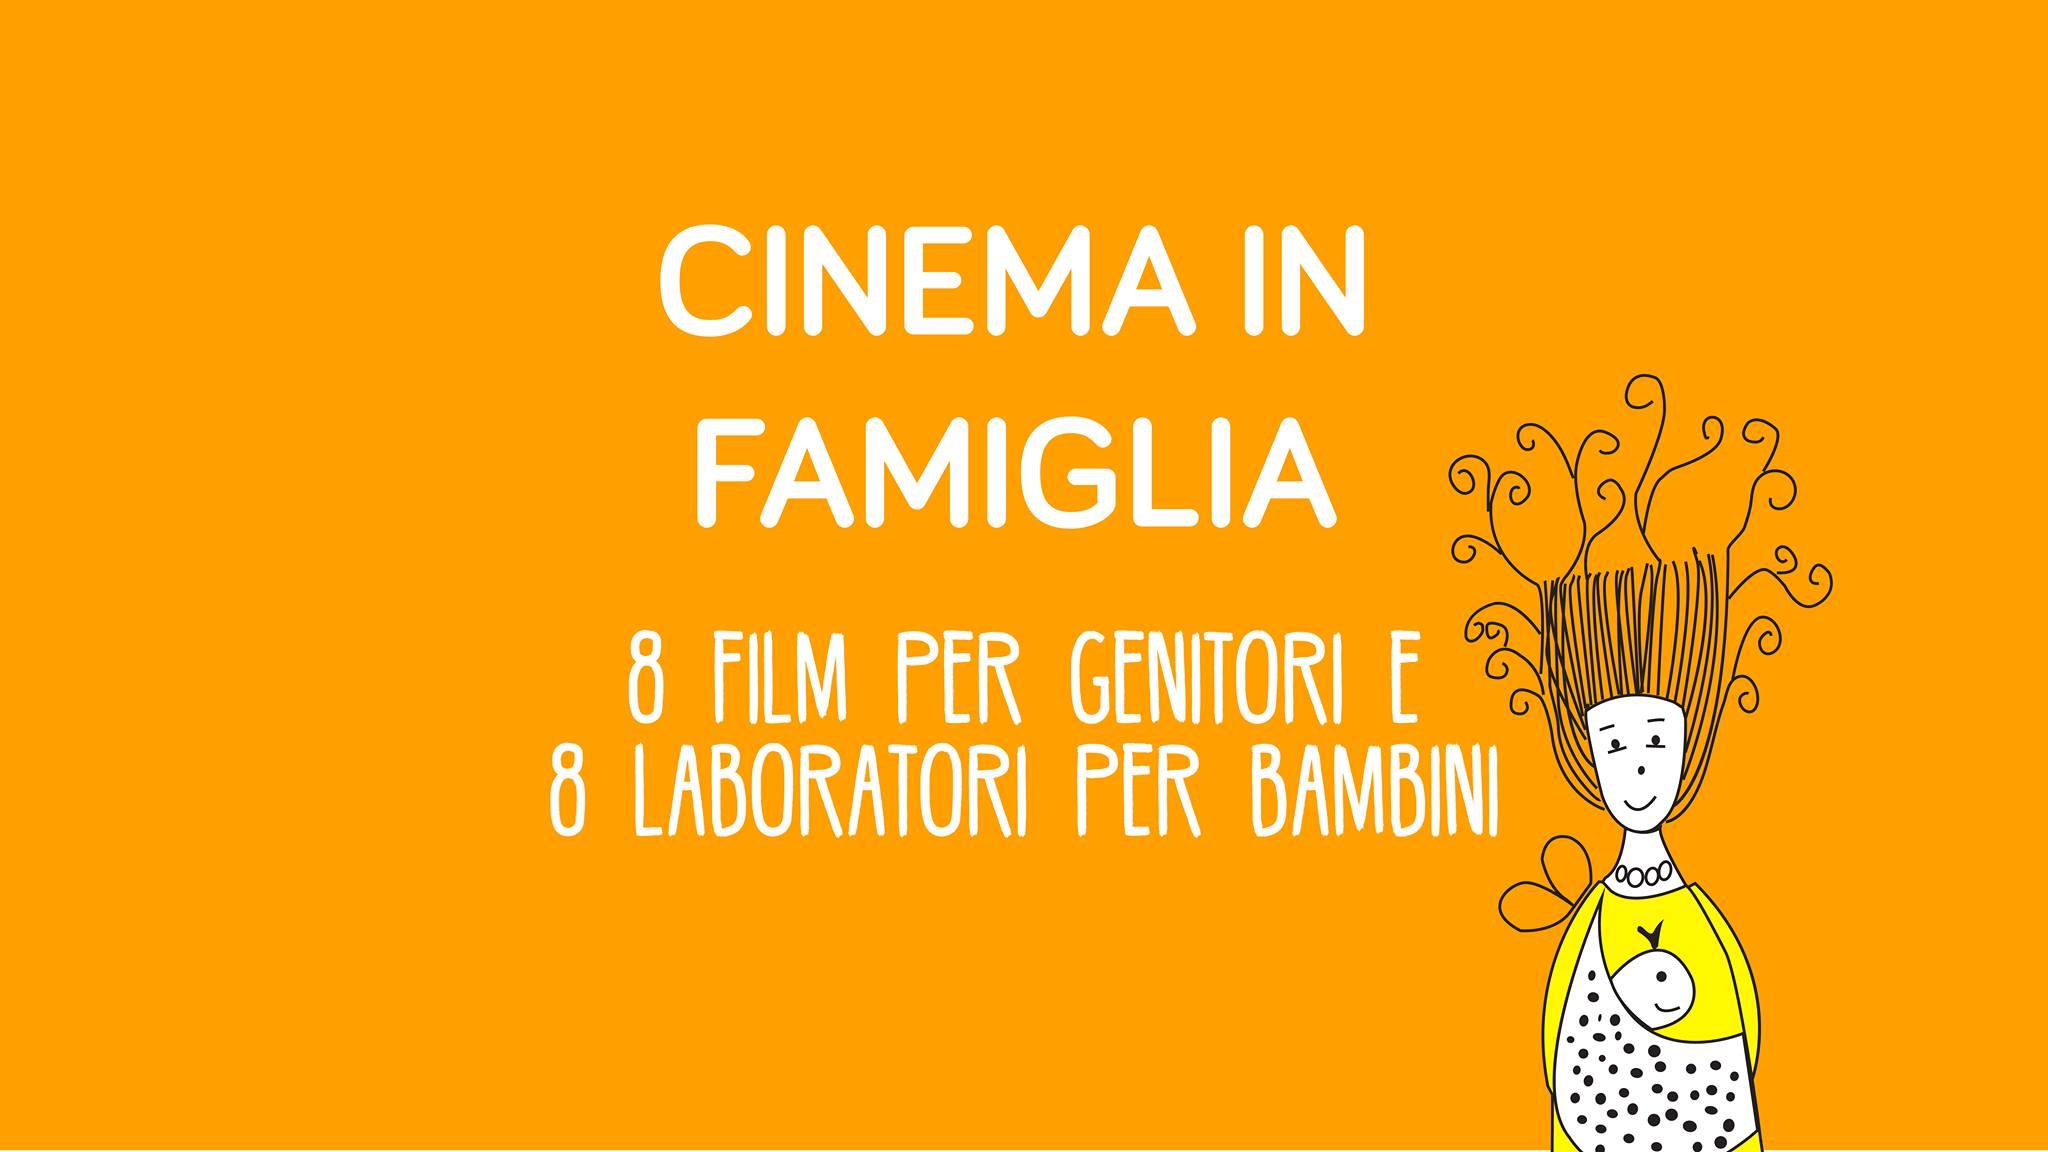 Cinema in famiglia insieme a Co-cò Spazio Co-Stanza